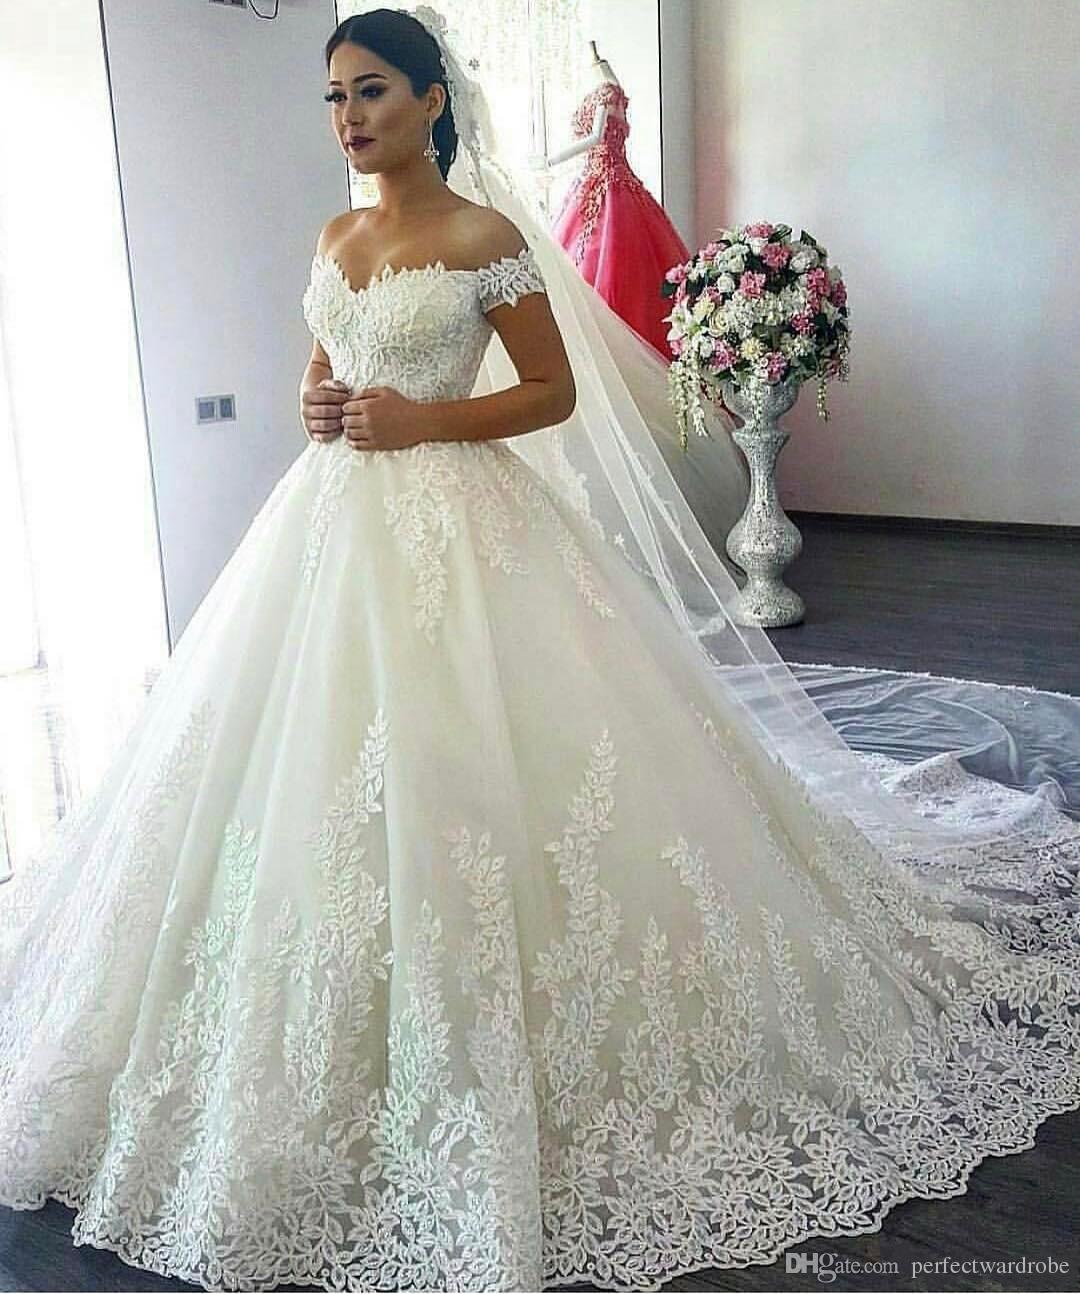 Wieviel kosten solche Brautkleider in gypten Spitze